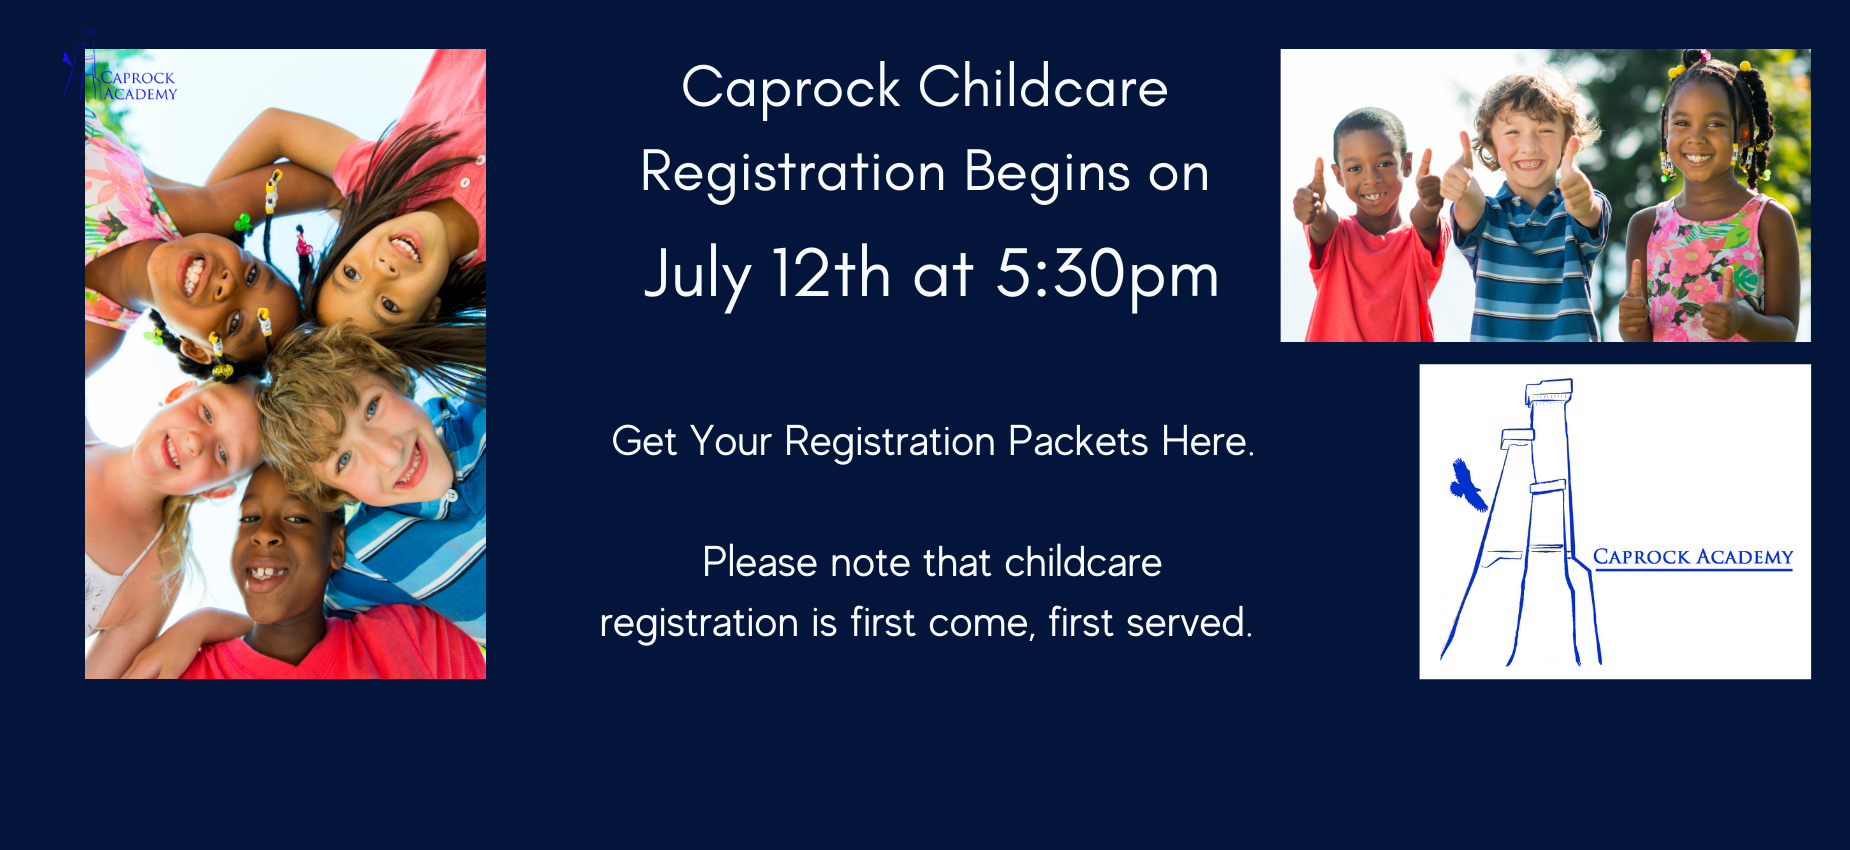 Caprock childcare registration begins July 12th at 5:30.